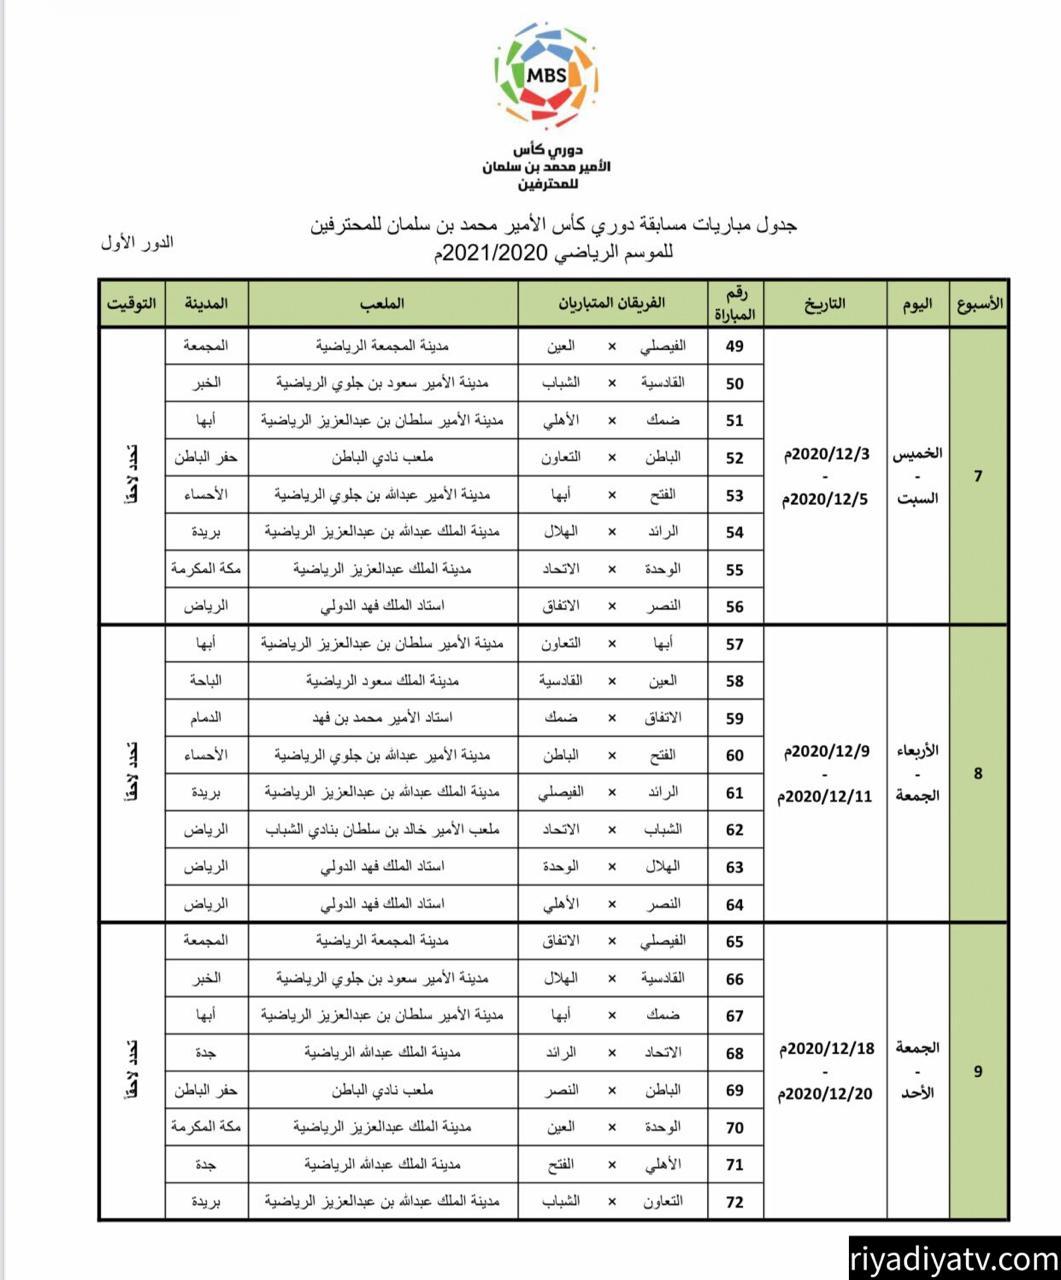 تعرف علي جدول الدوري السعودي المحترفين 2020-2021